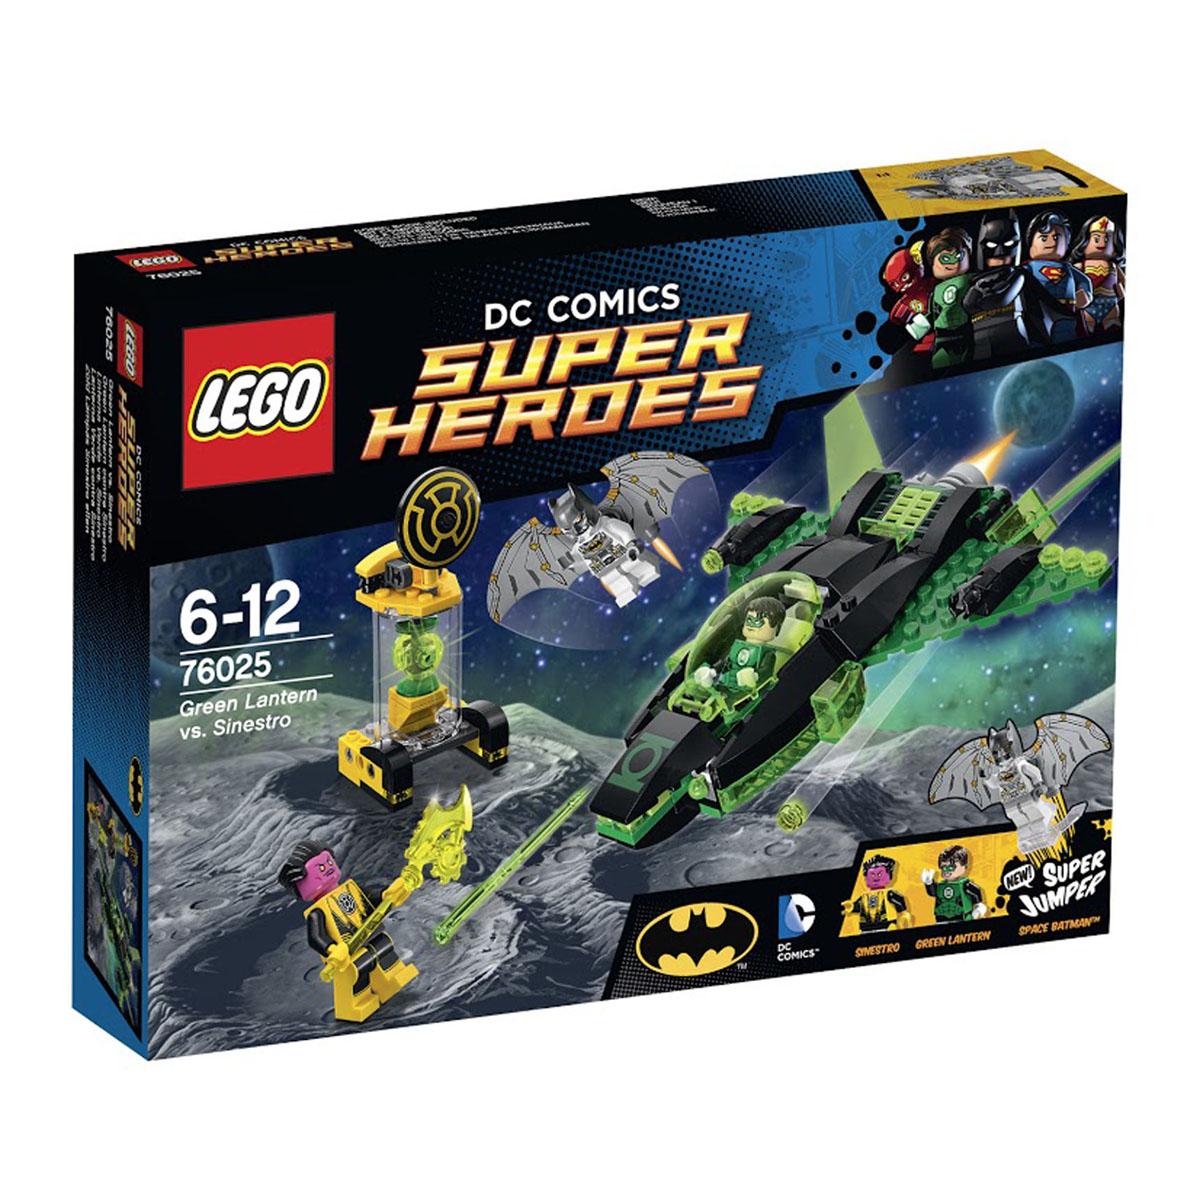 LEGO Super Heroes Конструктор Зеленый Фонарь против Синестро 7602576025Синестро украл фонарь Зеленого Фонаря и увез его на свою родную планету Коругар. Организуй спасательную миссию вместе с Зеленым Фонарем в его ультрасовременном космическом корабле и Космическим Бэтменом на супер-джампере. Но злобный Синестро построил клетку вокруг фонаря и охраняет его. Стреляй из 2 мощных шипованных шутеров и поверни задний рычаг, чтобы активировать 2 разрушительных пружинных шутера. Вступай в бой вместе с Космическим Бэтменом на супер-джампере, чтобы повергнуть Синестро и взорвать клетку. Одержав победу, выпрыгни из кабины и верни фонарь! Этот красочный игровой набор содержит 174 пластиковых элемента для сборки, 3 фигурки и инструкцию по сборке. Конструктор - это один из самых увлекательнейших и веселых способов времяпрепровождения. Ребенок сможет часами играть с конструктором, придумывая различные ситуации и истории. В процессе игры с конструкторами LEGO дети приобретают и постигают такие необходимые навыки как познание, творчество, воображение....